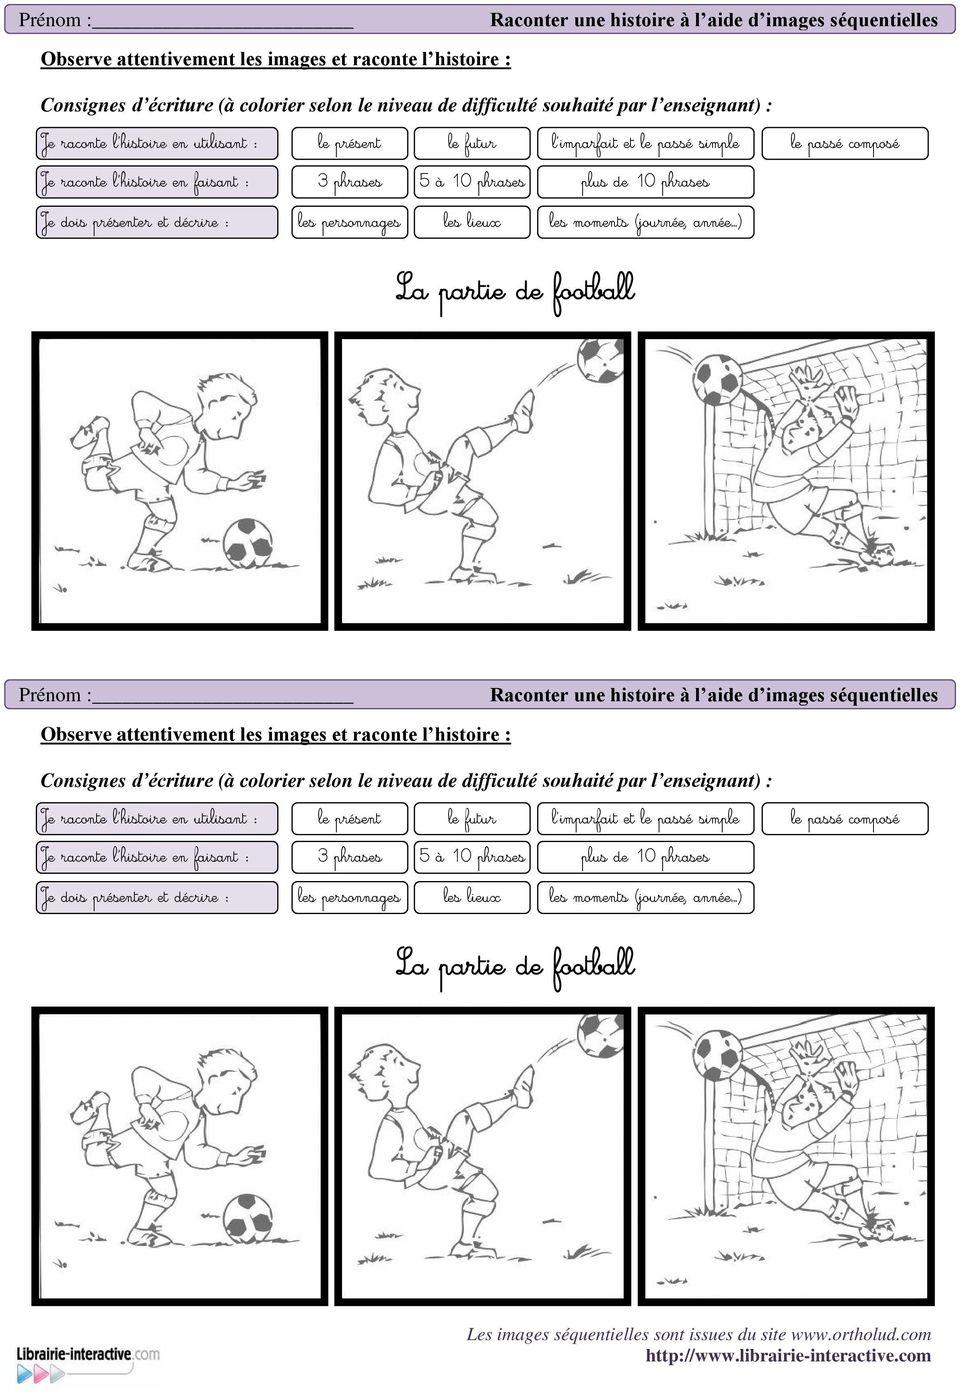 La Partie De Football - Pdf Free Download tout Images Séquentielles Maternelle